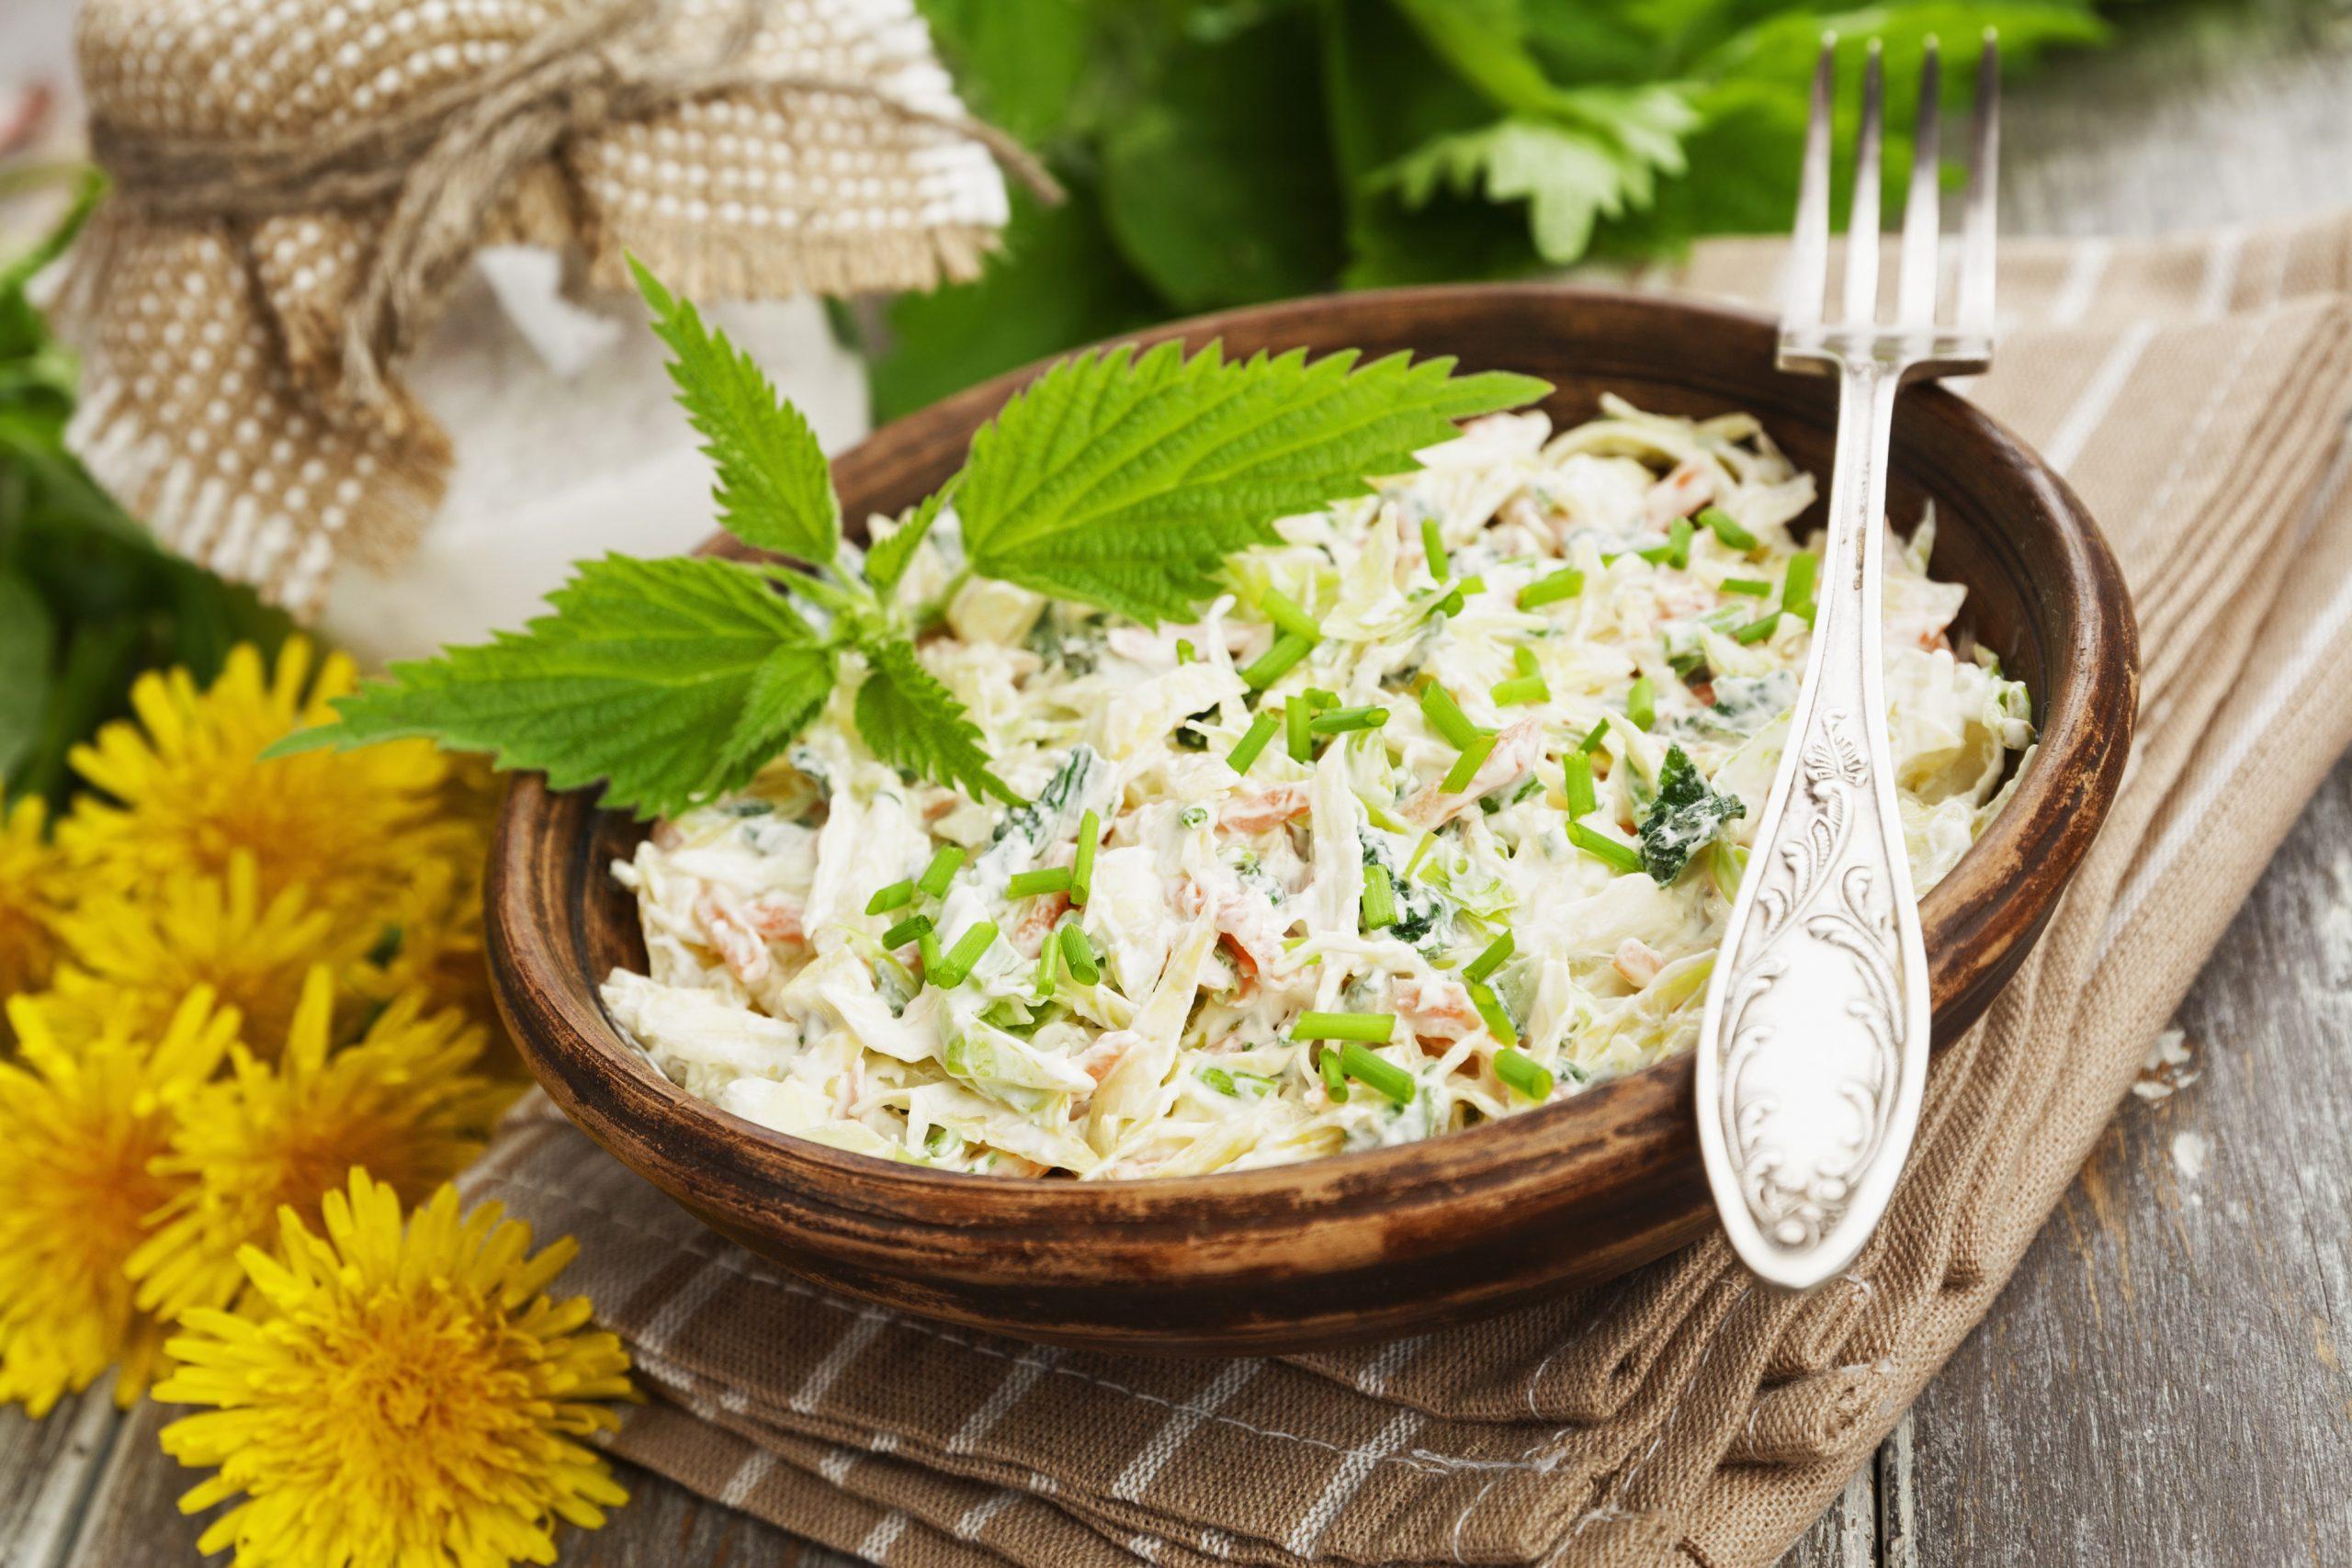 Chinakohlsalat mit Geflügel und Joghurtdressing